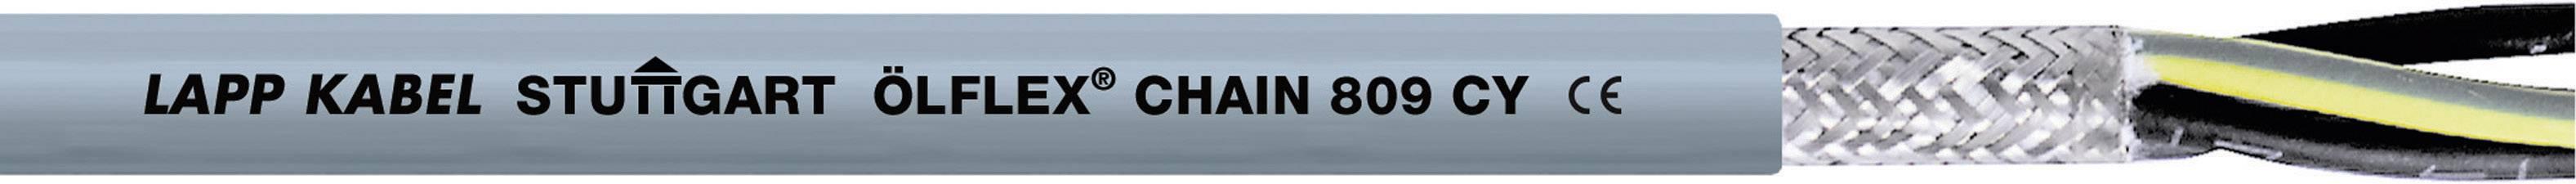 Žíla kabelu LappKabel ÖLFLEX CHAIN 809 CY 7G1,0 (1026771), 7x 1 mm², PVC, Ø 9,8 mm, stíněný, 100 m, šedá